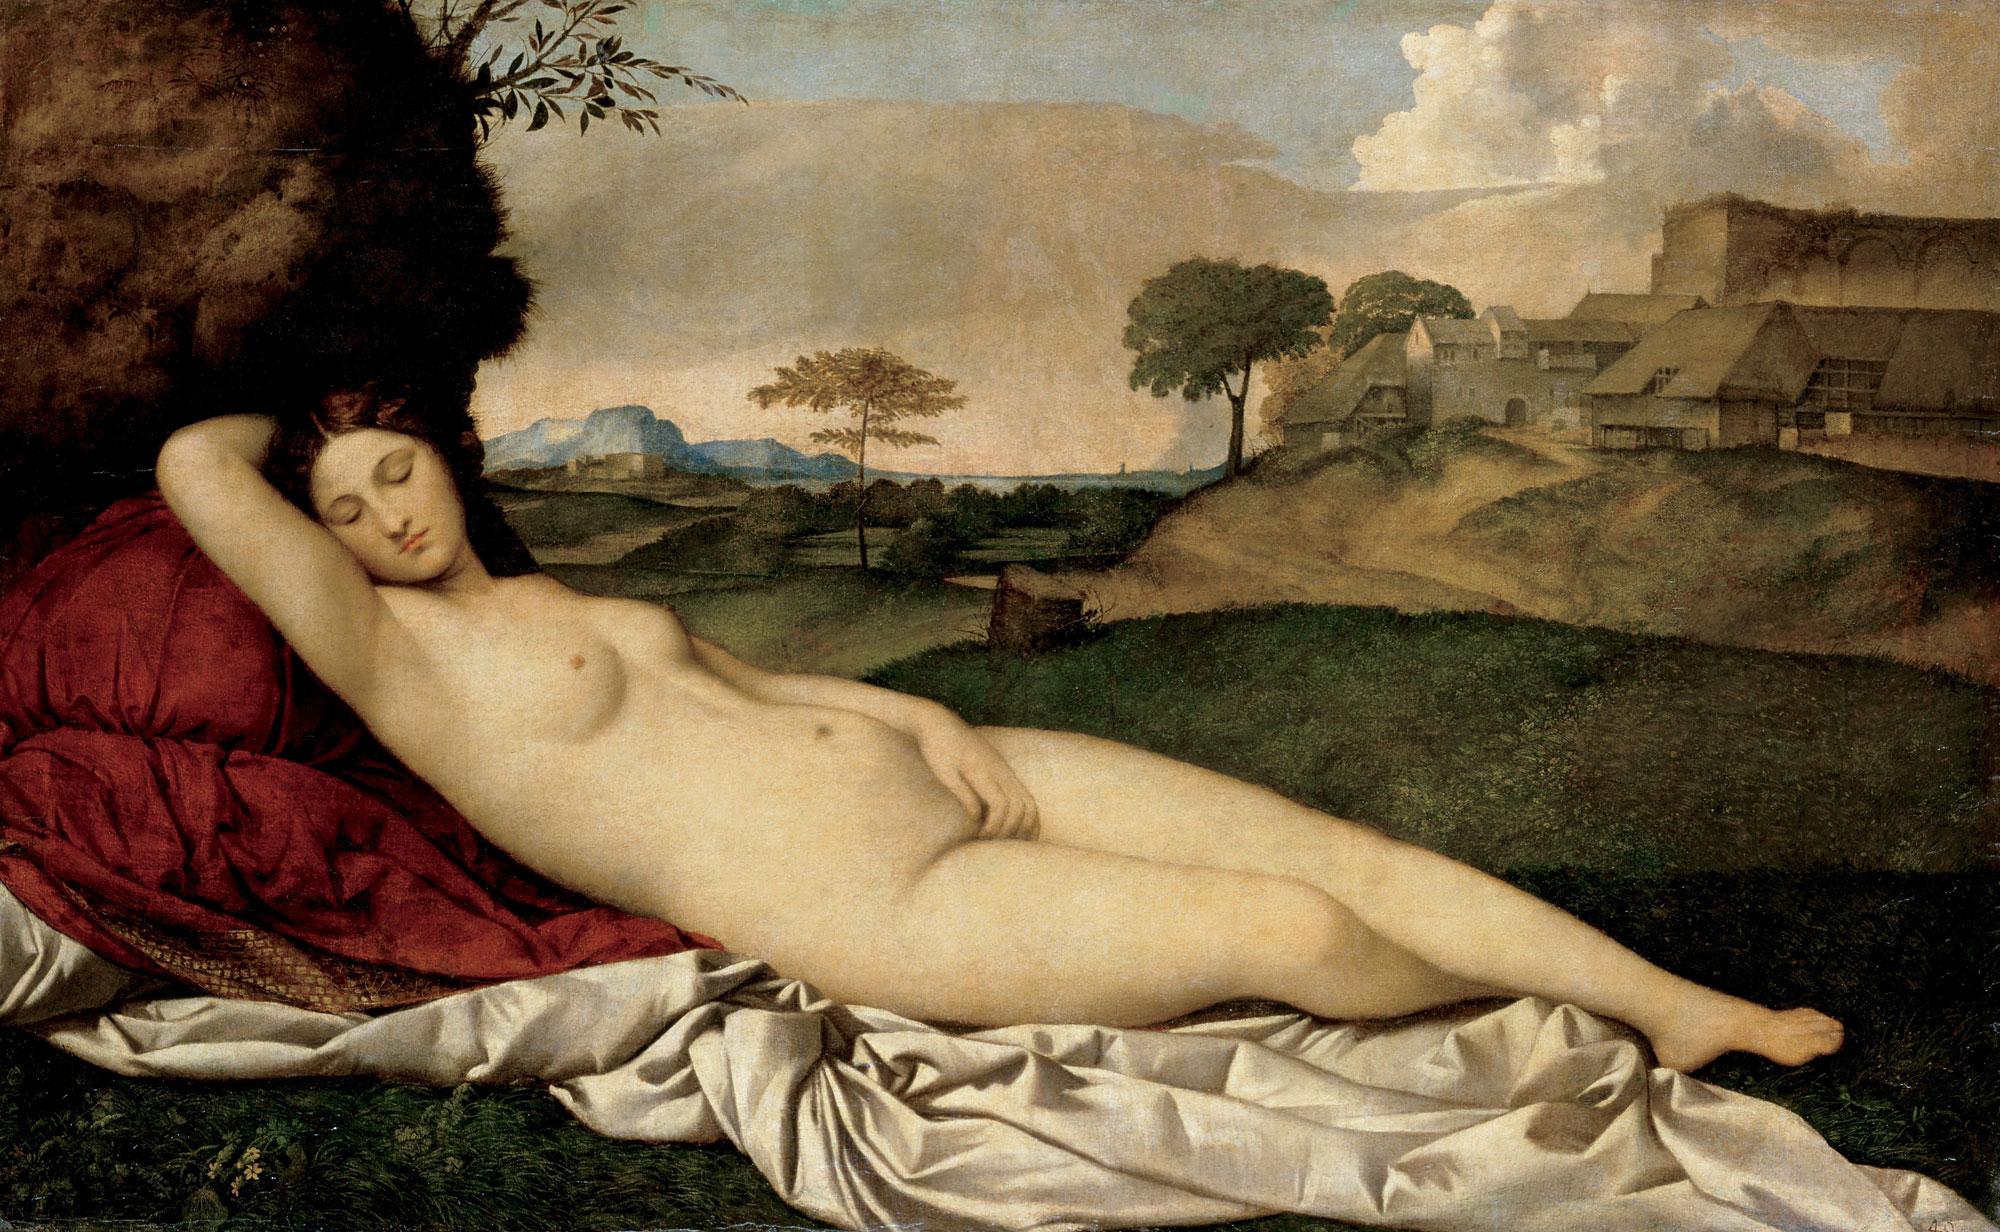 Giorgione (finito da Tiziano), Venere dormiente (1507-1510; olio su tela, 108,5 x 175 cm; Dresda, Gemäldegalerie)